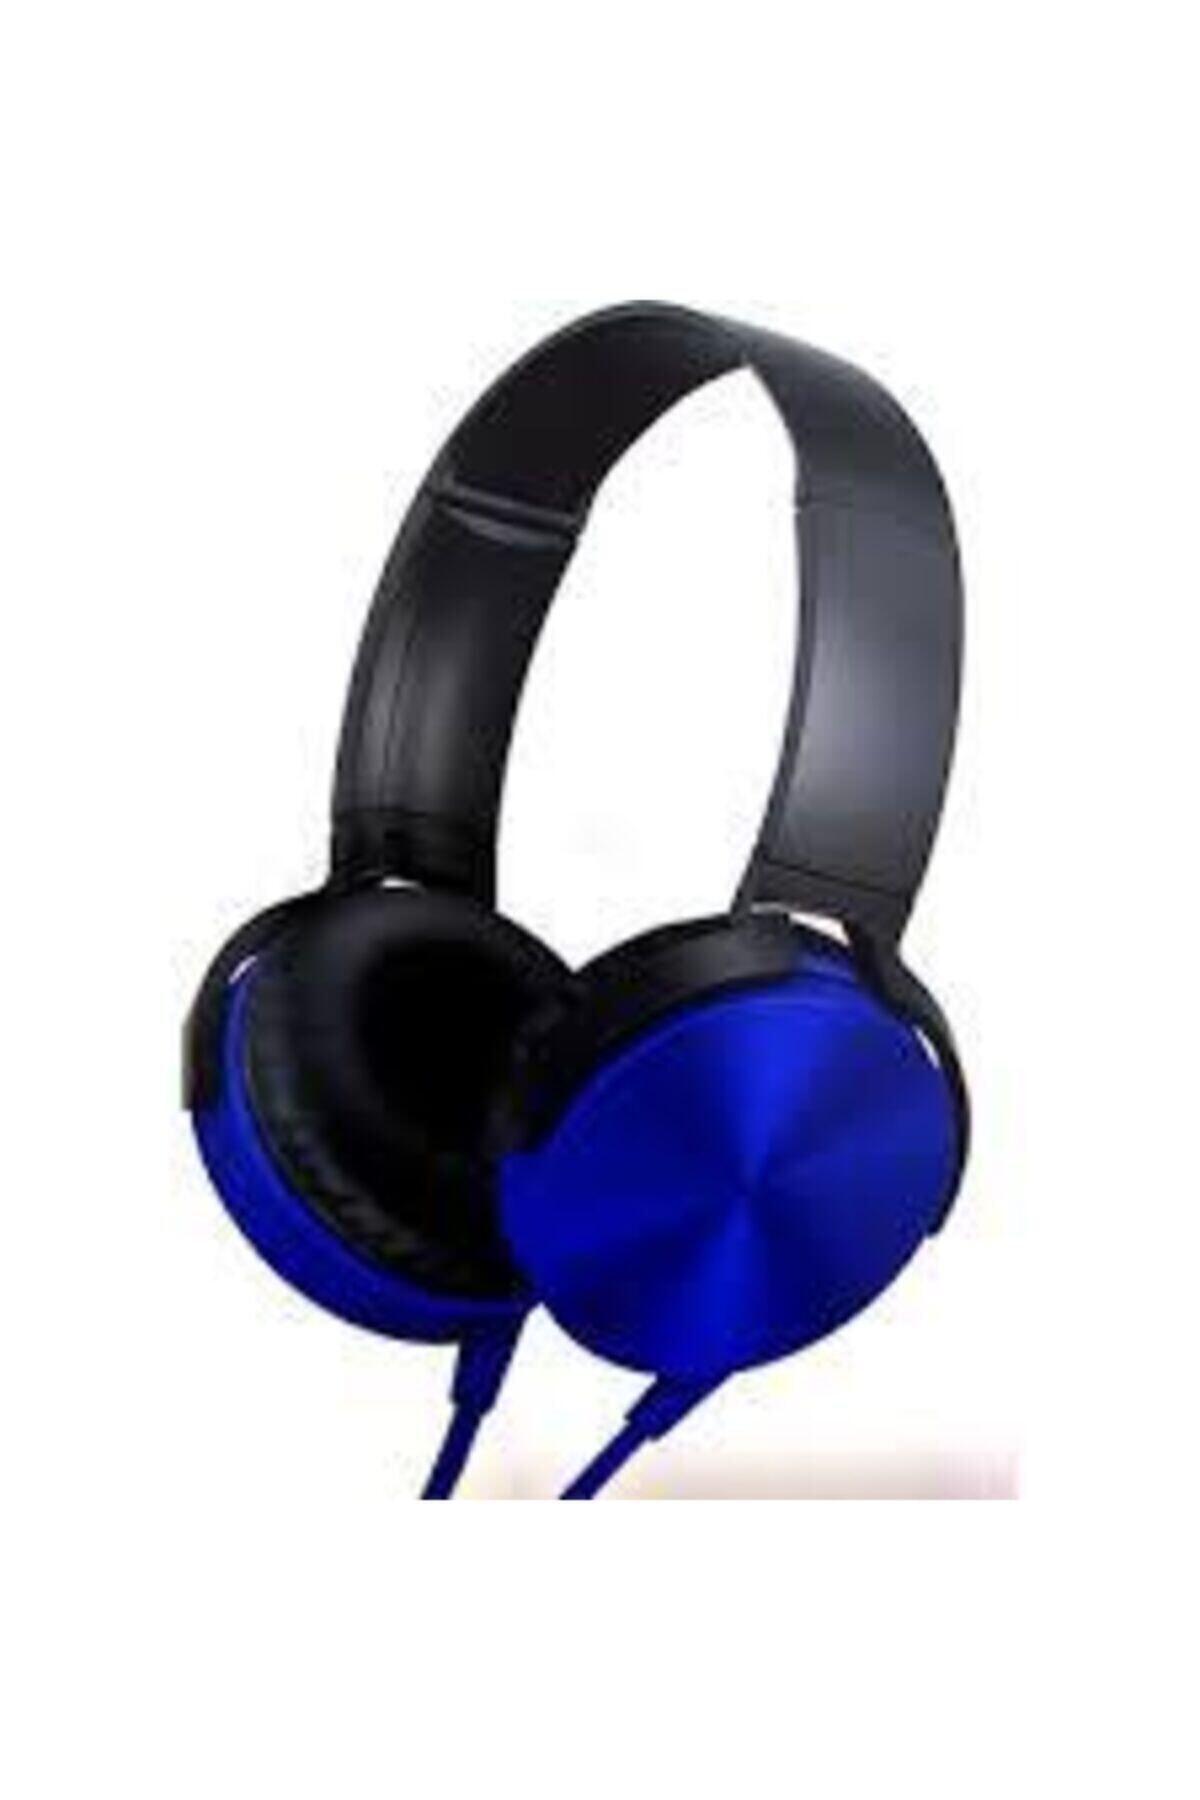 OKMORE Mavi Kafa Üstü Telefon Oyun Kulaklığı 1